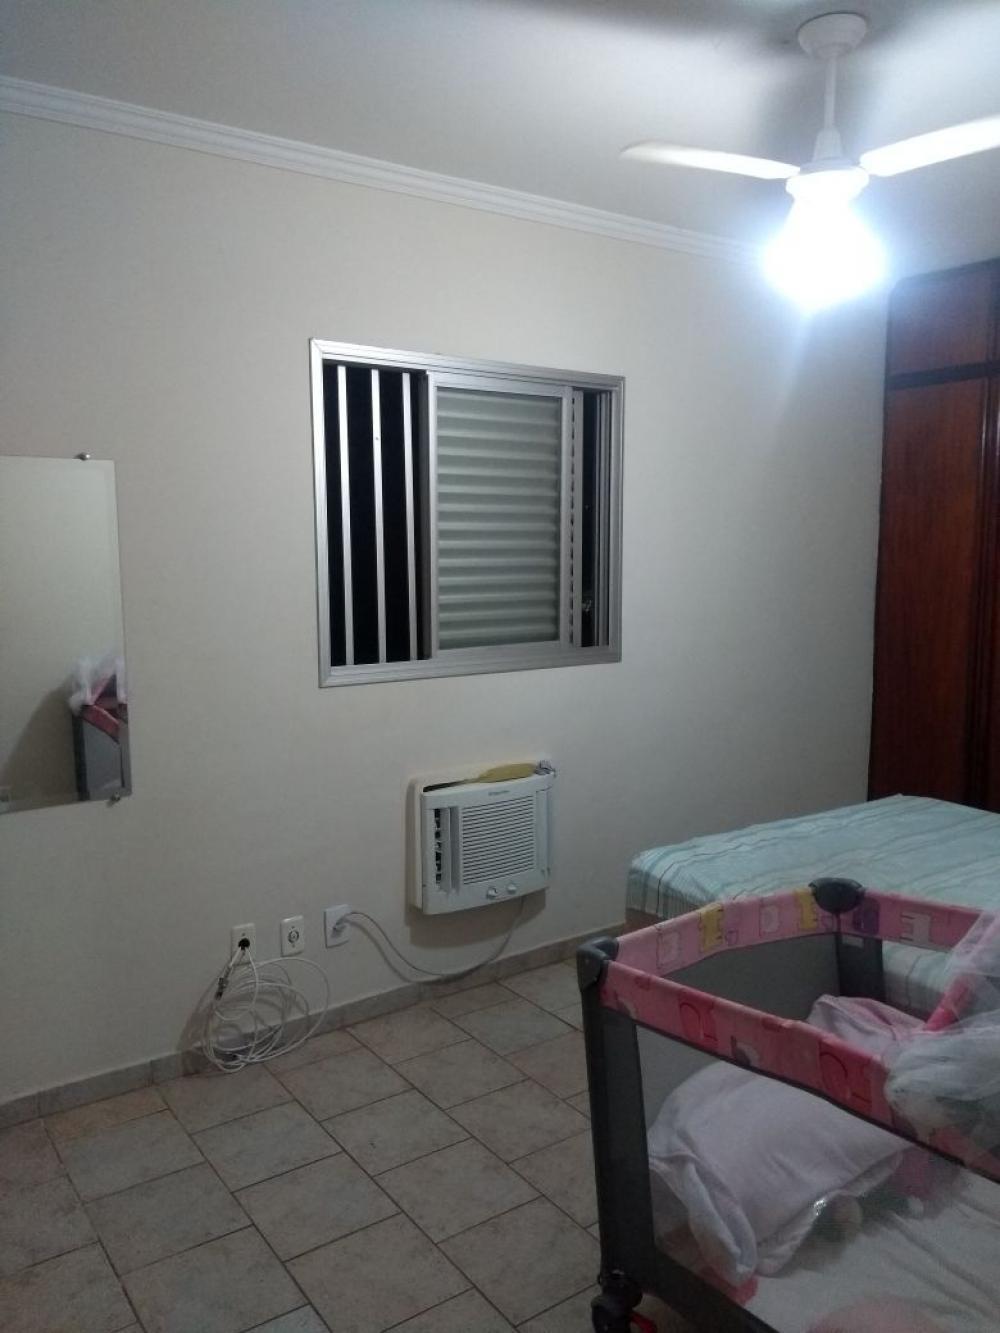 Comprar Apartamento / Padrão em São José do Rio Preto R$ 270.000,00 - Foto 19